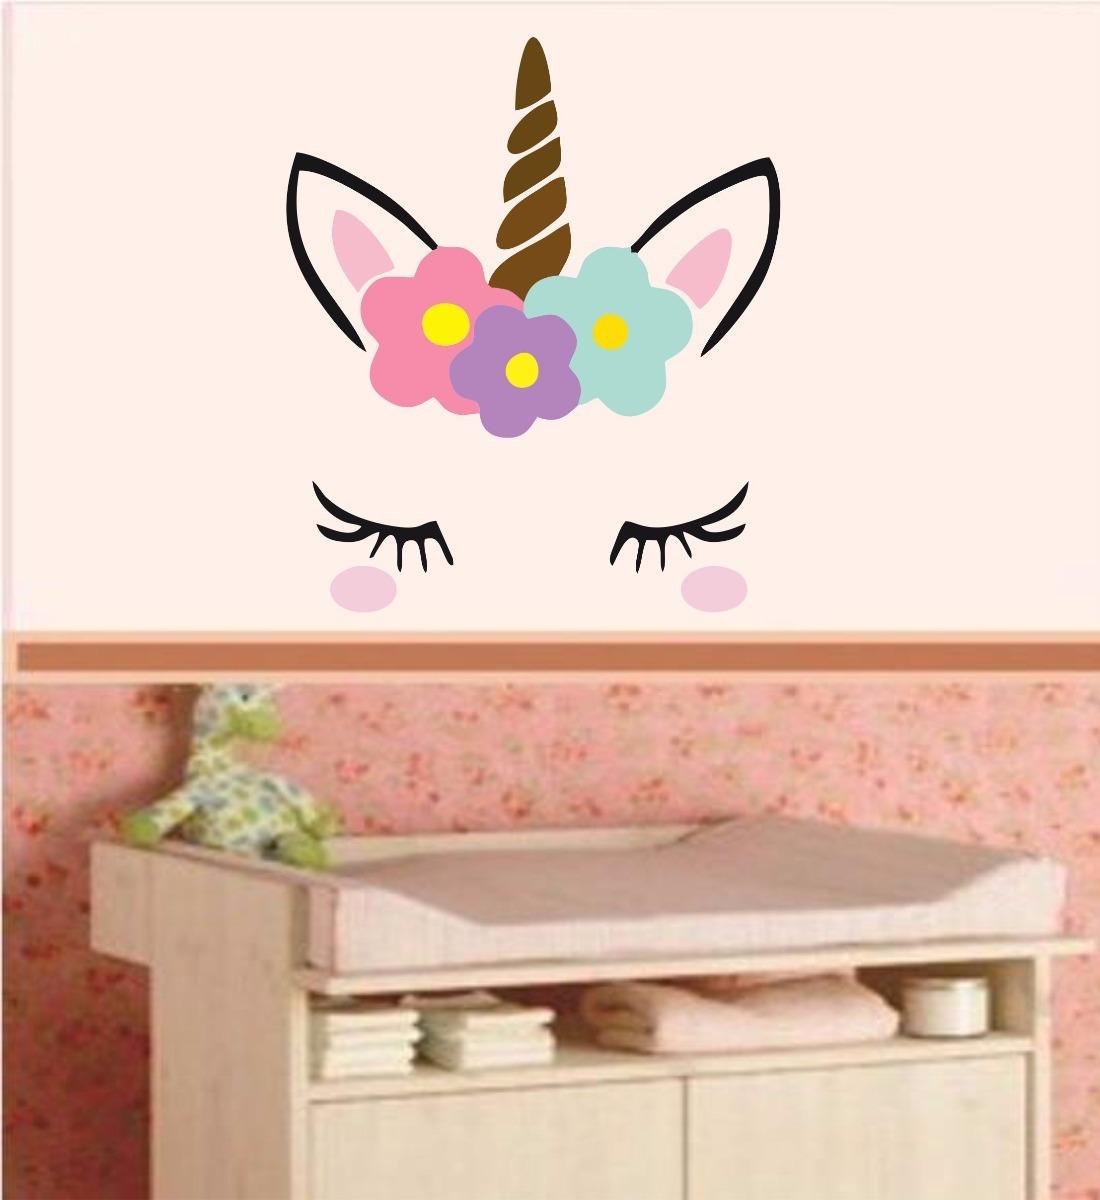 Adesivo De Parede Arvore Infantil ~ Adesivo Parede Infantil Unicórnio Cabeça Olhos Floral Flor R$ 69,99 em Mercado Livre